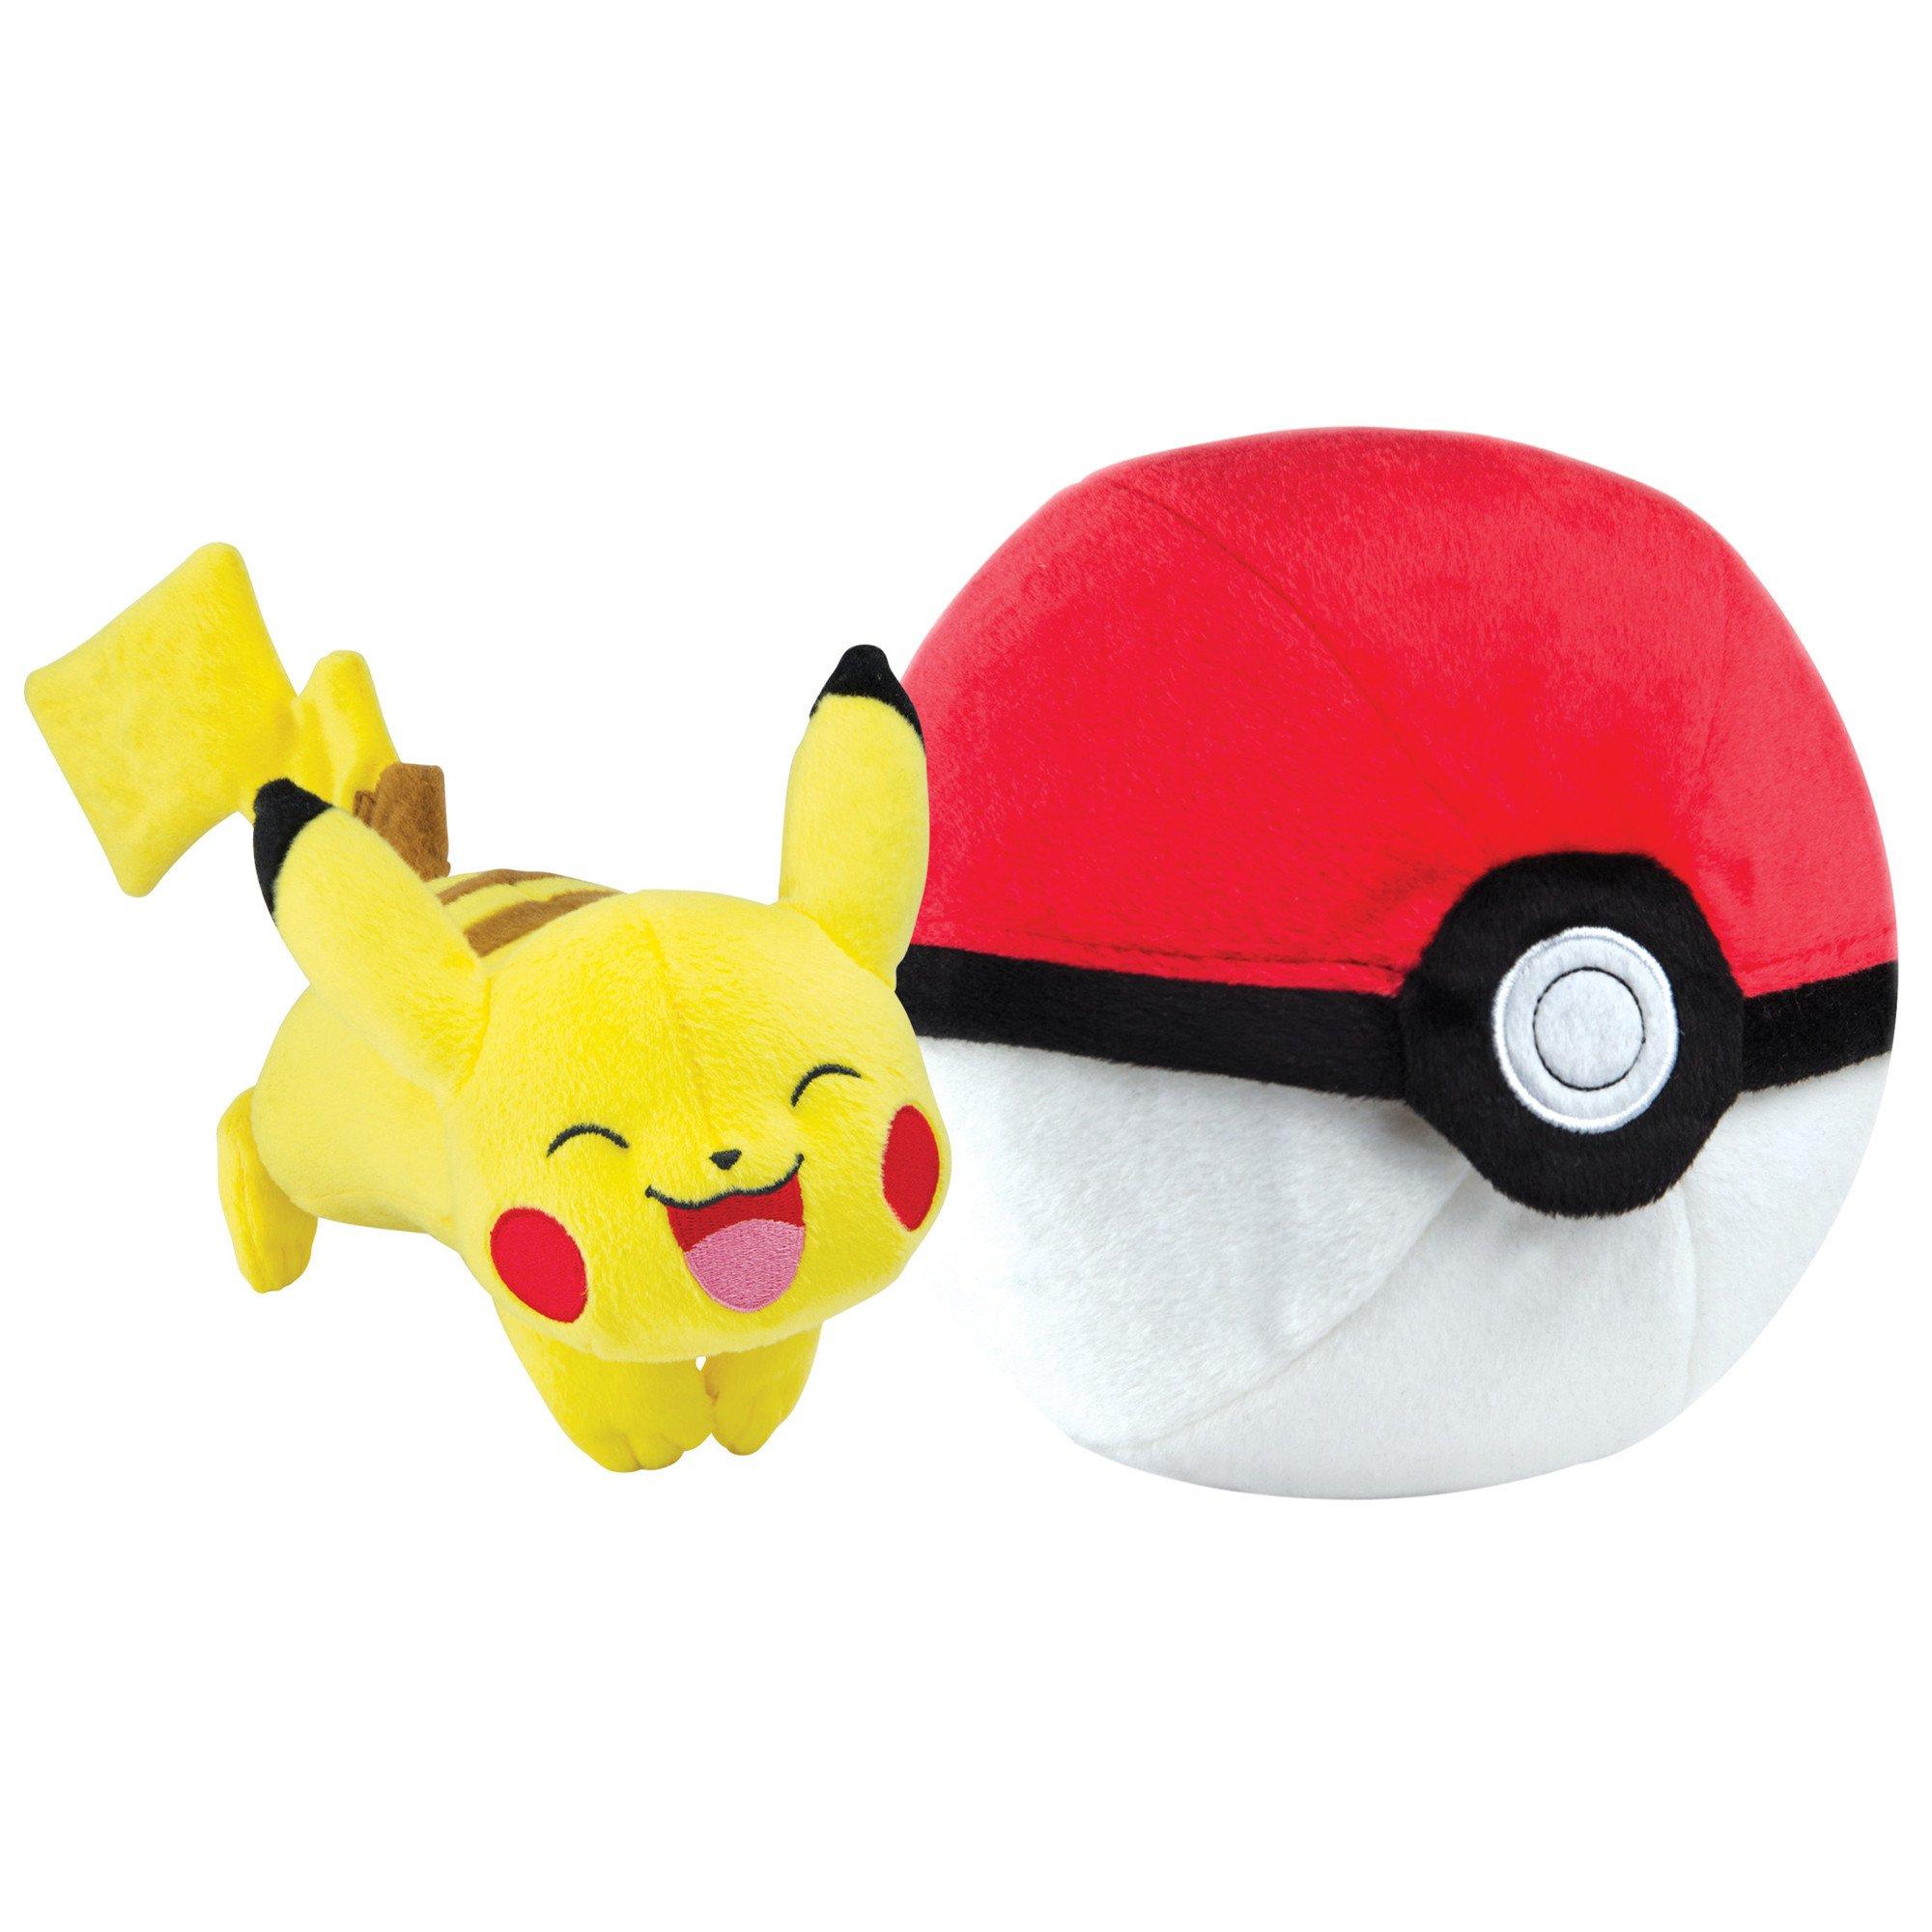 Pokémon Zipper Poké Ball Plush, Poké Ball And Pikachu by TOMY